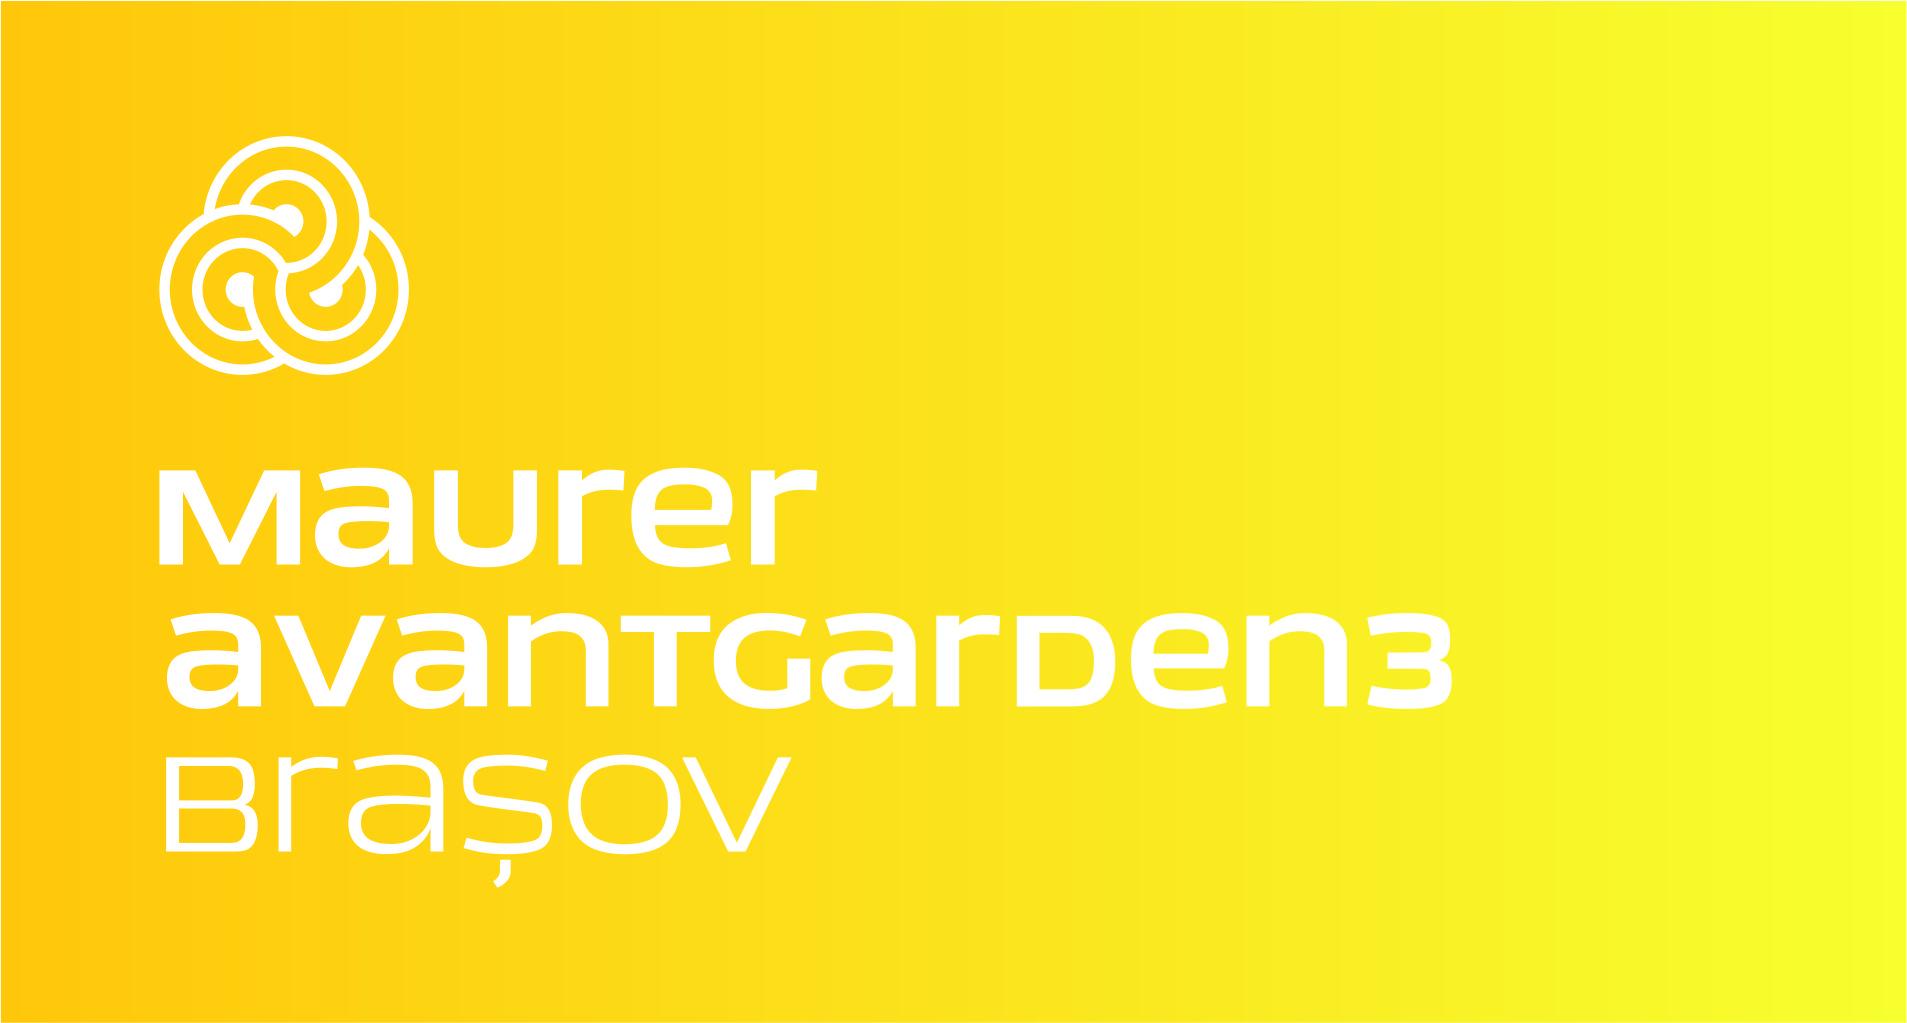 Maurer avantgarden3